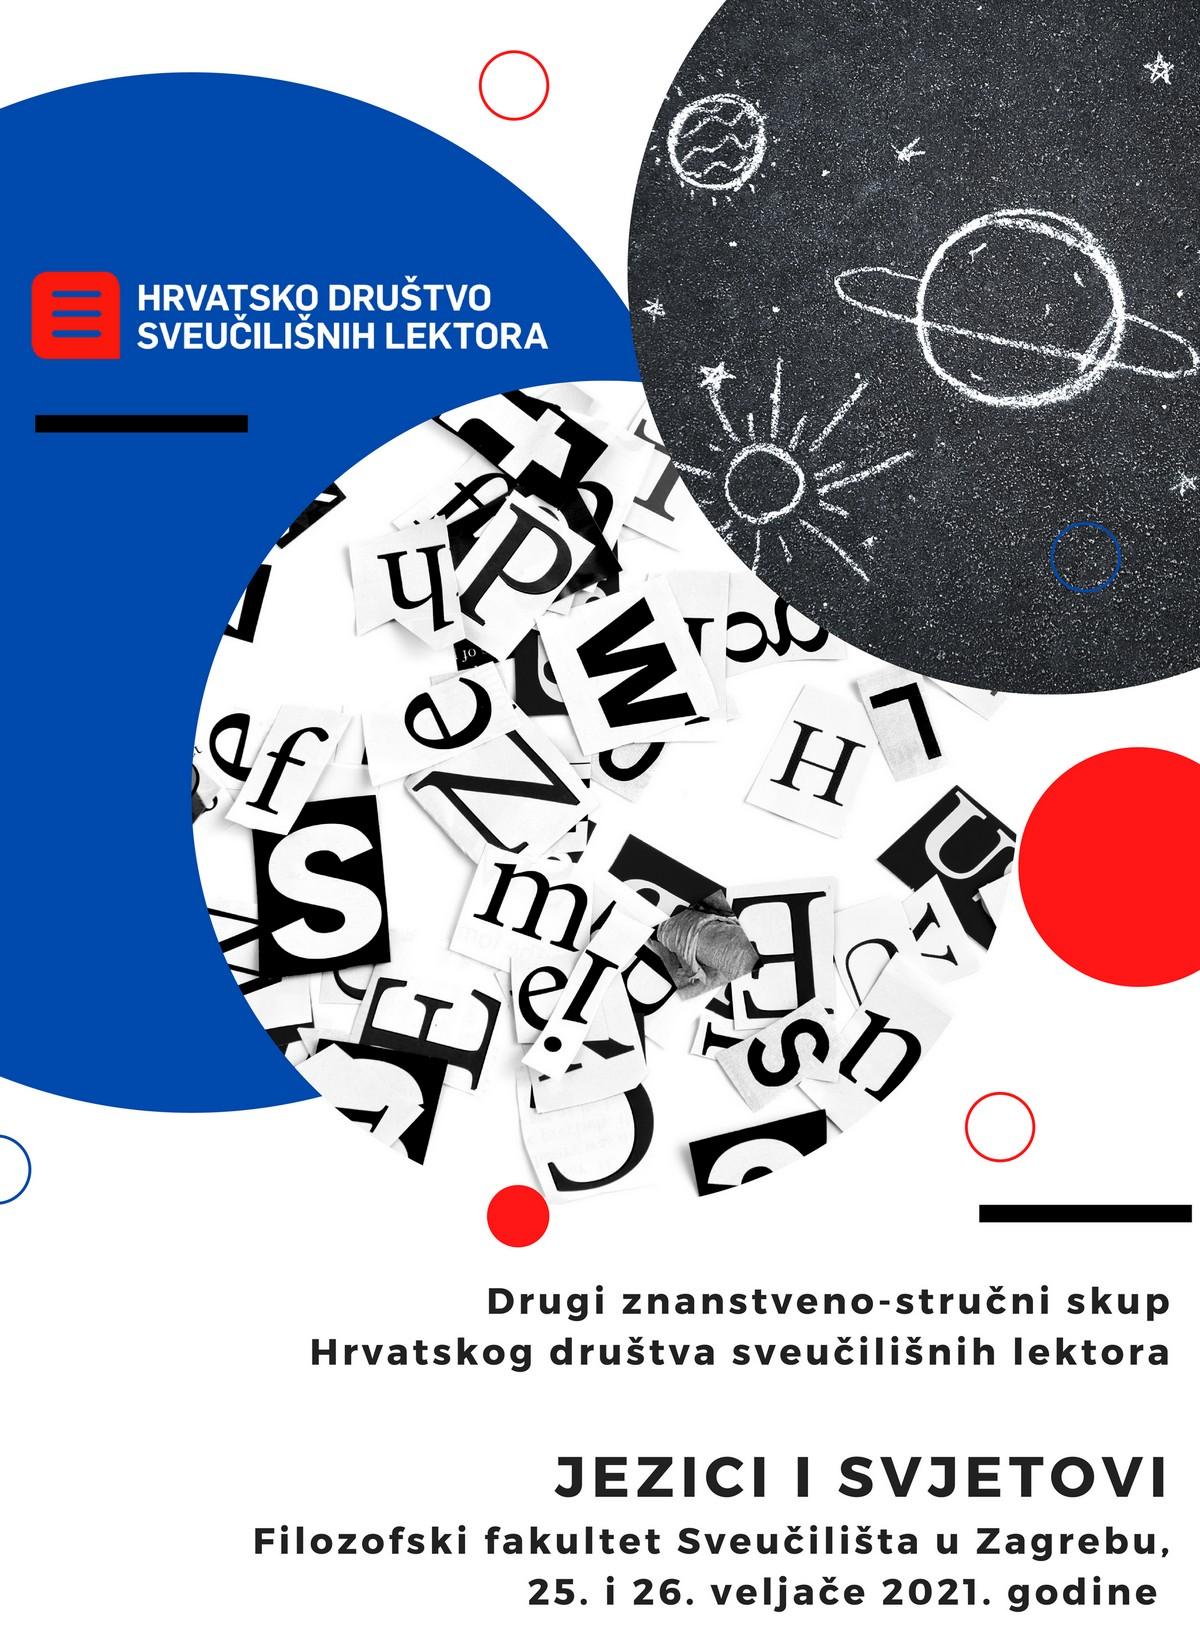 Drugi znanstveno-stručni skup Hrvatskog društva sveučilišnih lektora: Raspored izlaganja